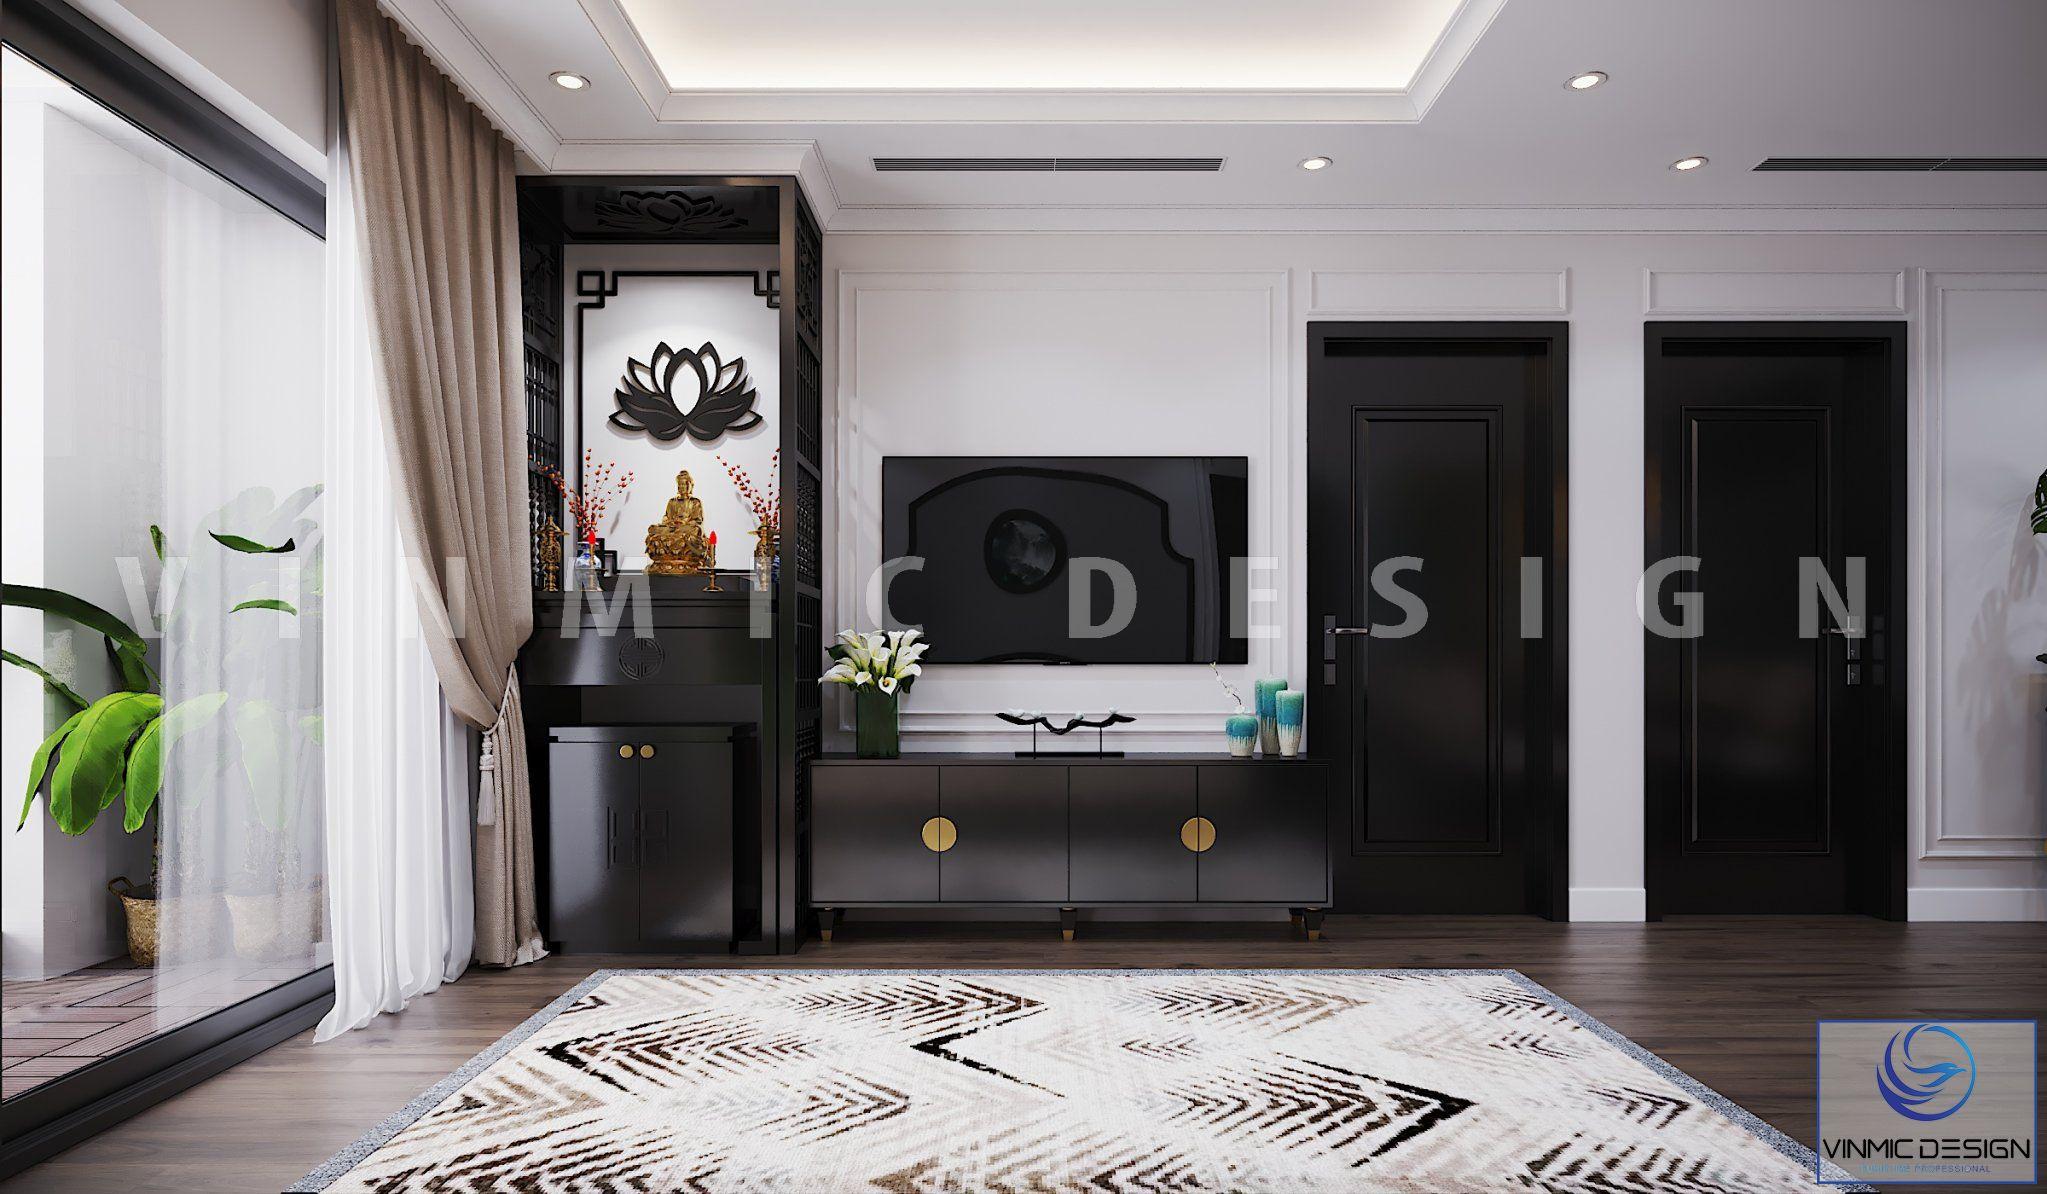 Thiết kế nội thất phòng thờ đẹp phong cách Indochine (Á Đông) tại chung cư Metropolis